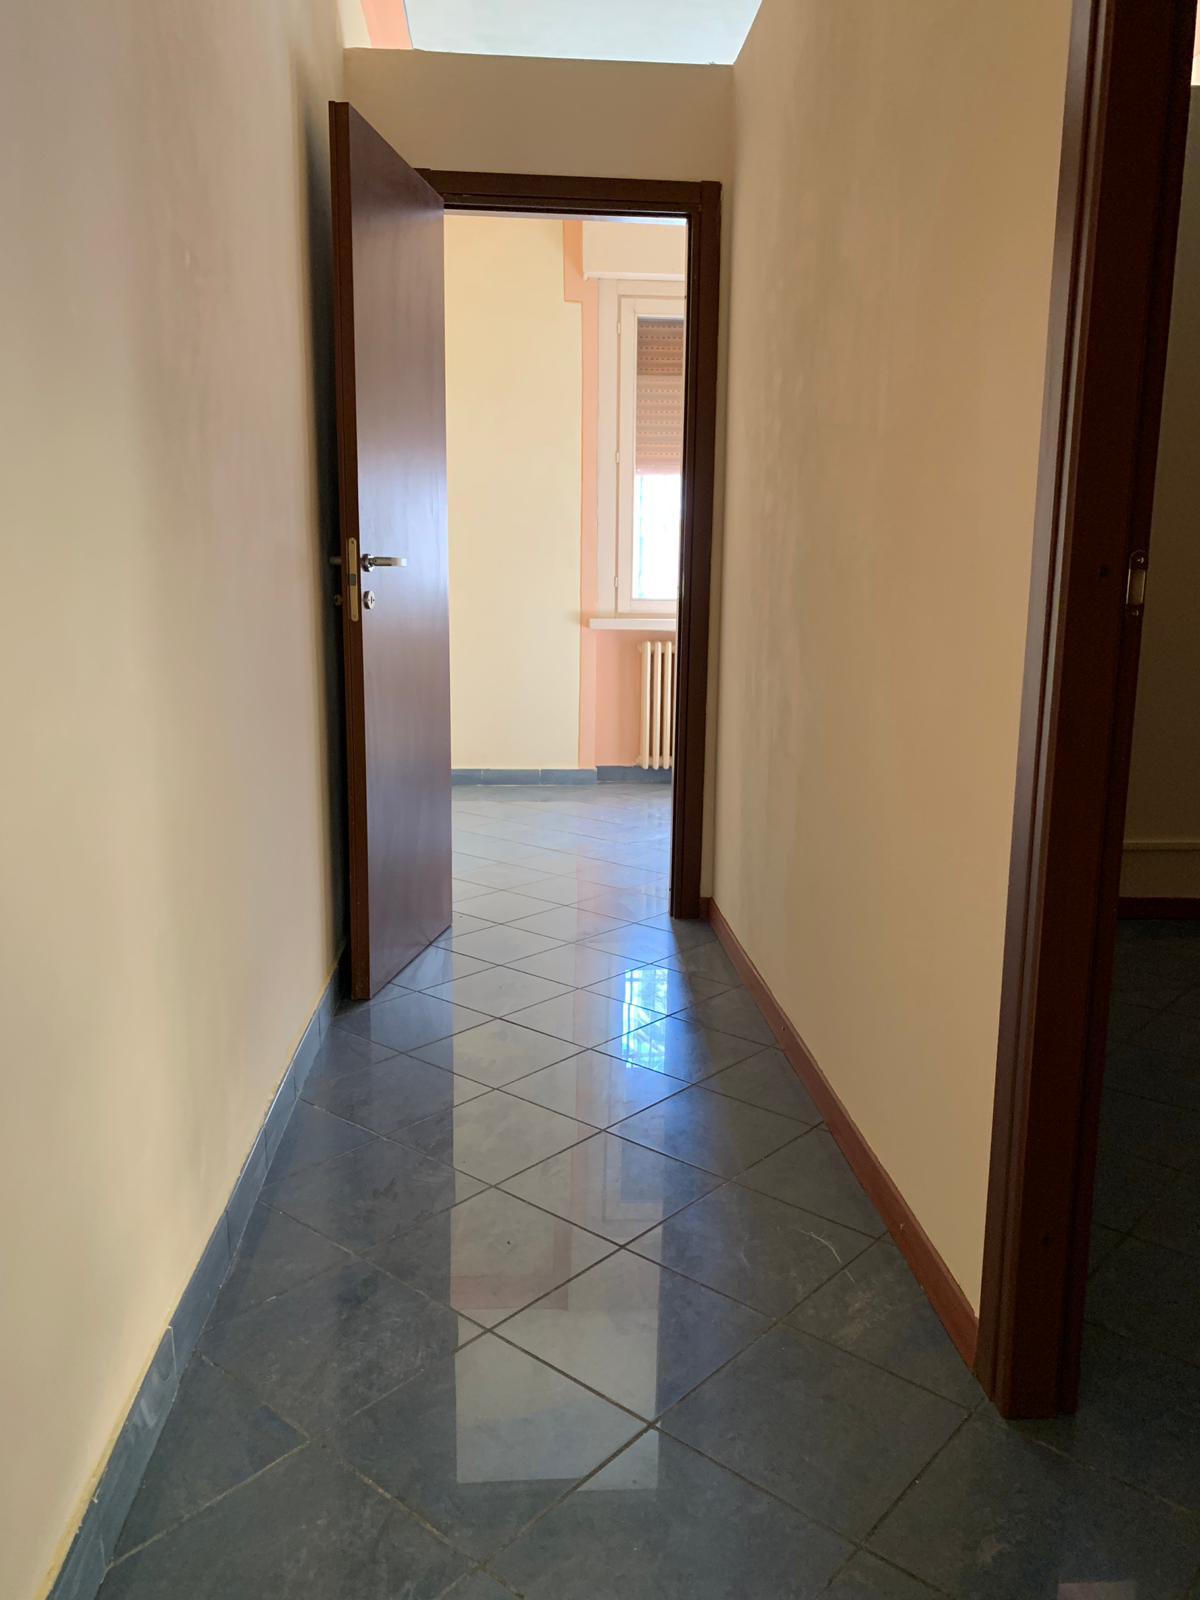 Negozio / Locale in affitto a Mantova, 9999 locali, zona Località: Centrostorico, prezzo € 500   CambioCasa.it